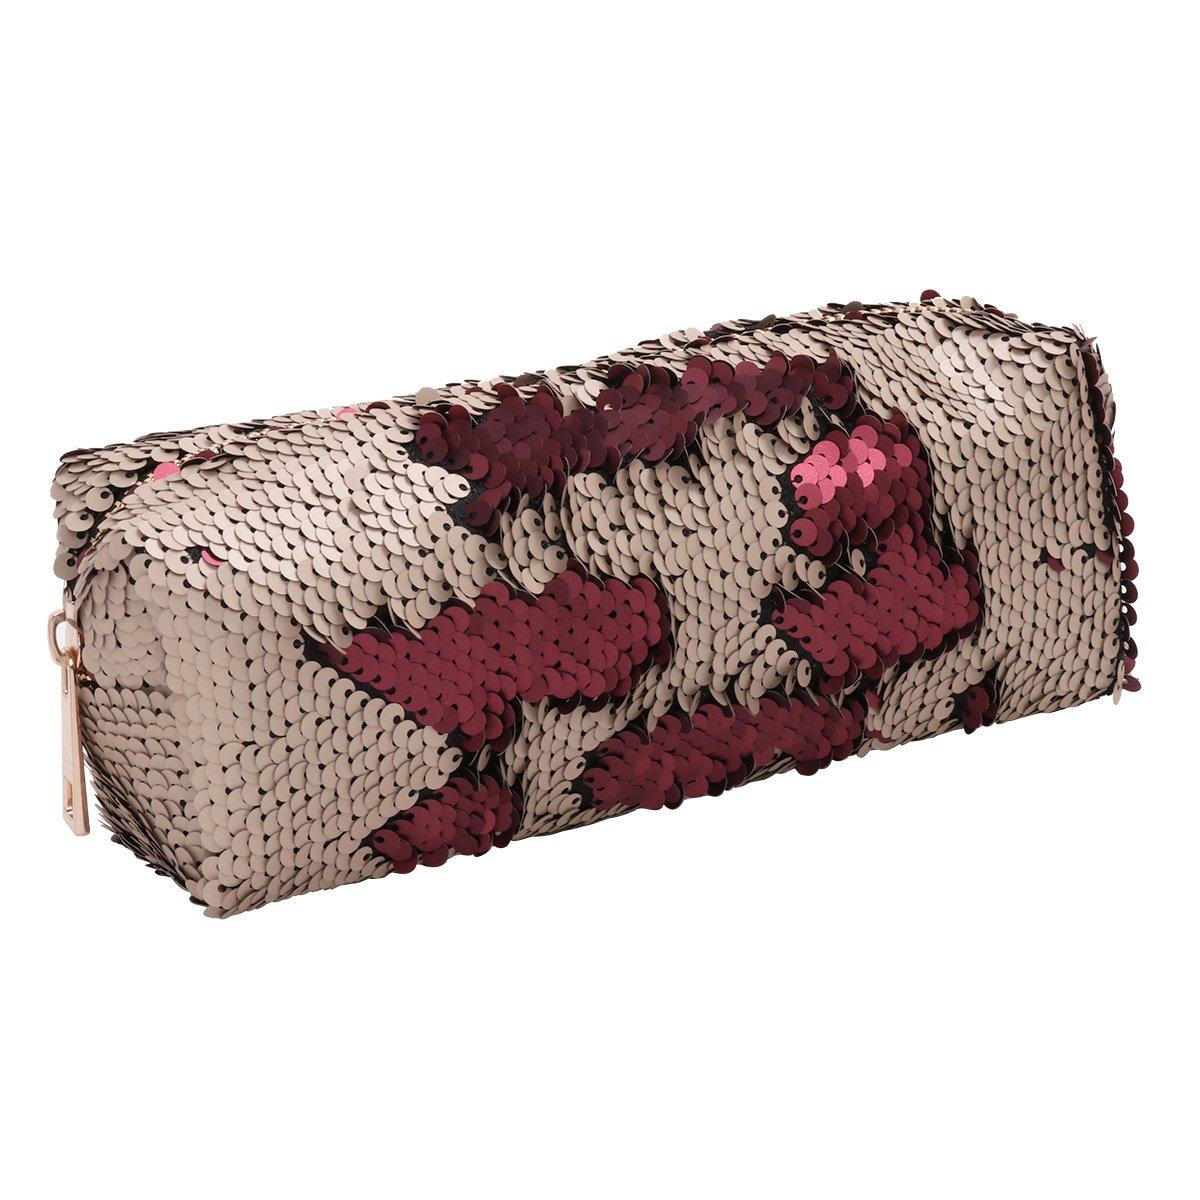 nuevo algod/ón de bamb/ú: para crochet color C bufandas. para tejer algod/ón lechoso para beb/é y hacer manualidades DIY de tejido de artesan/ía jerseys 26 colores 50 g de hilo tejido de algod/ón lechoso Diadia